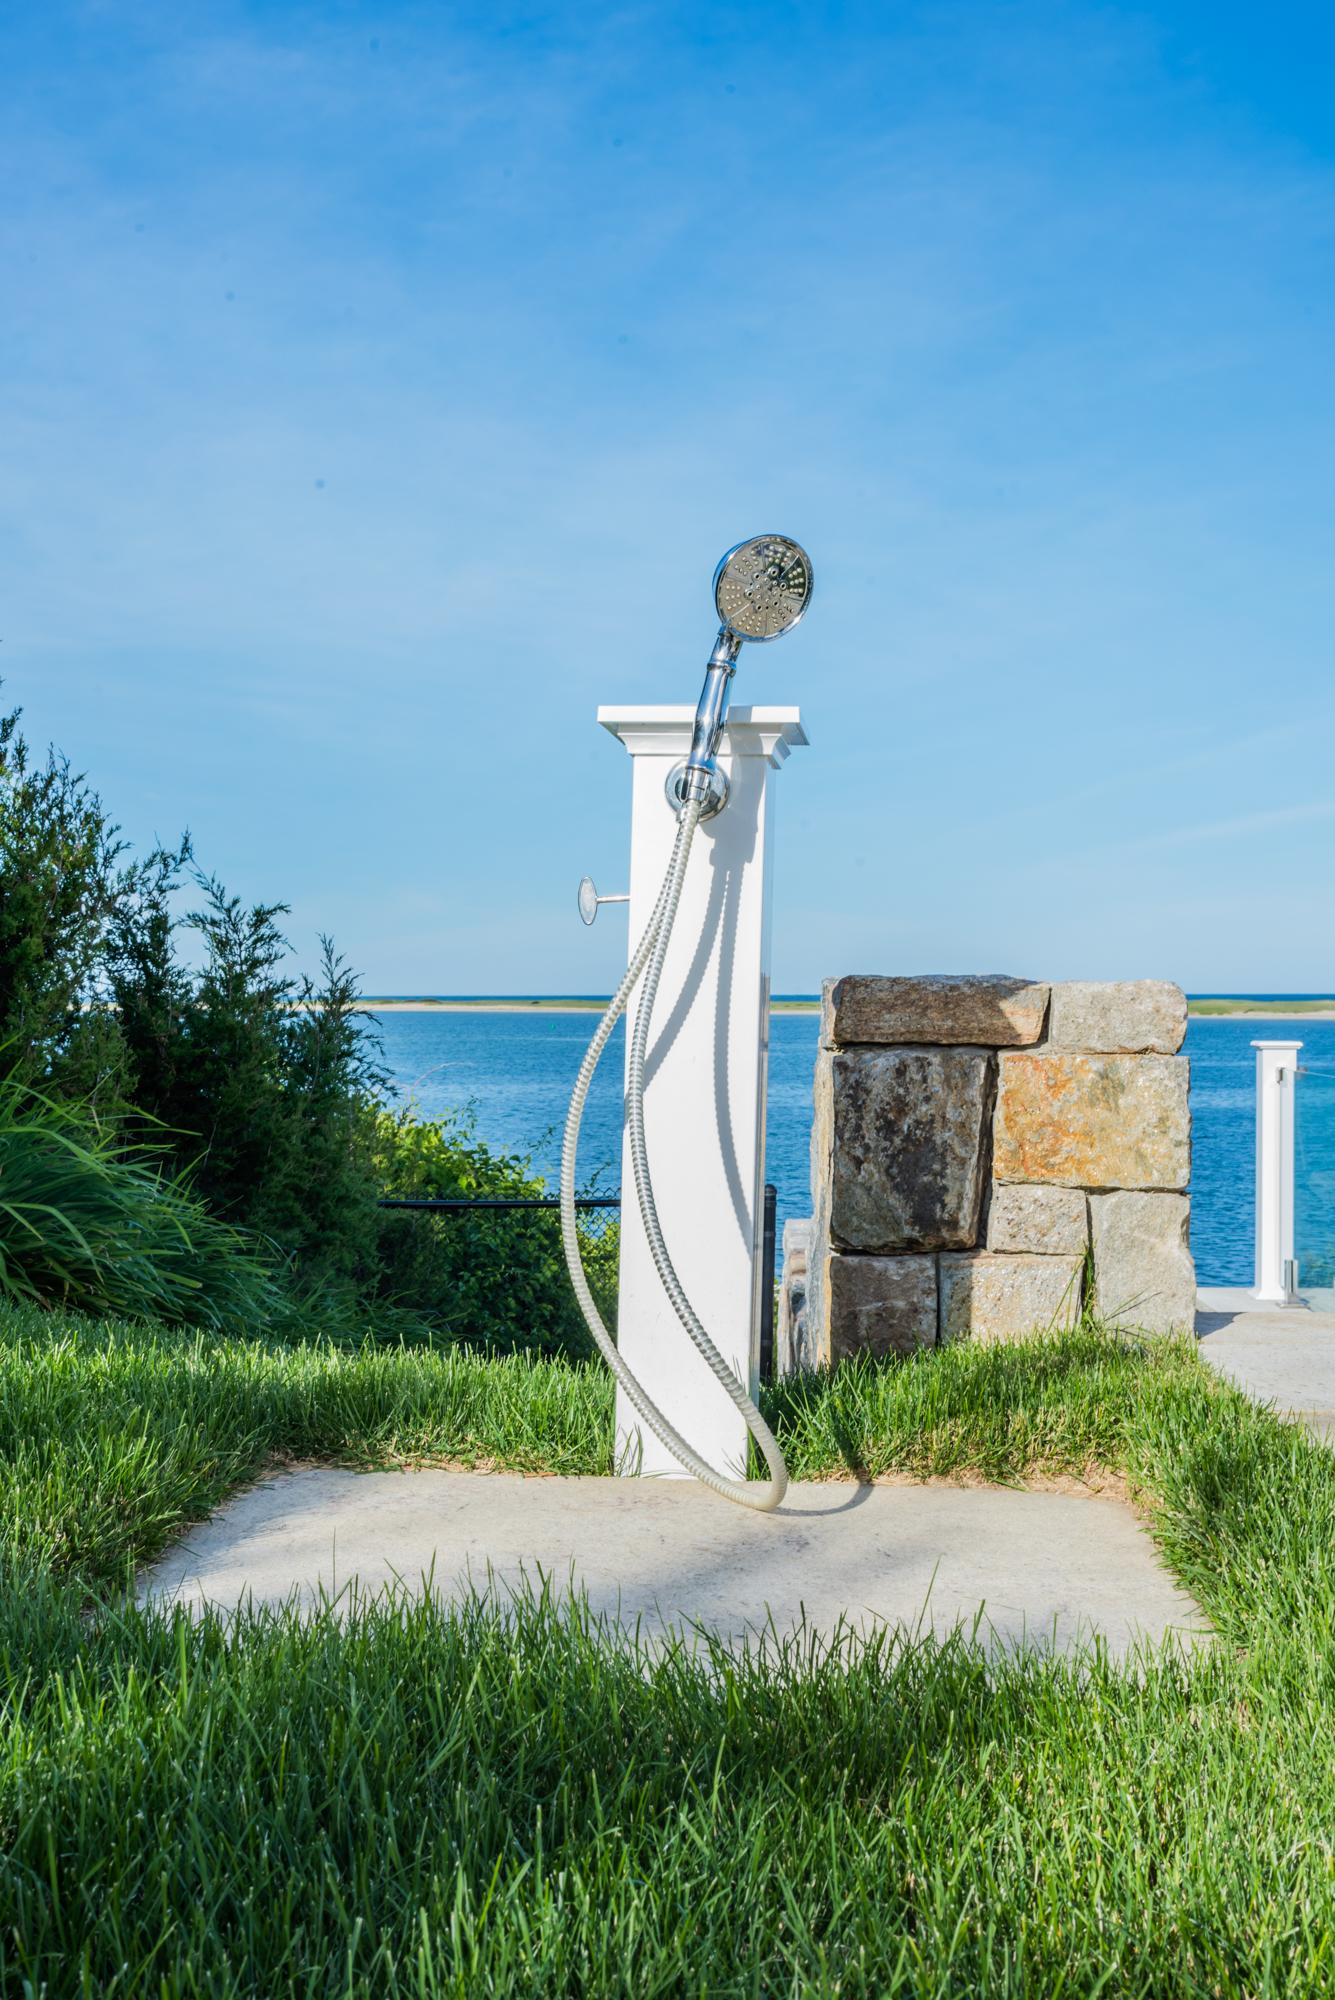 Orleans Cape Cod Home-24.jpg